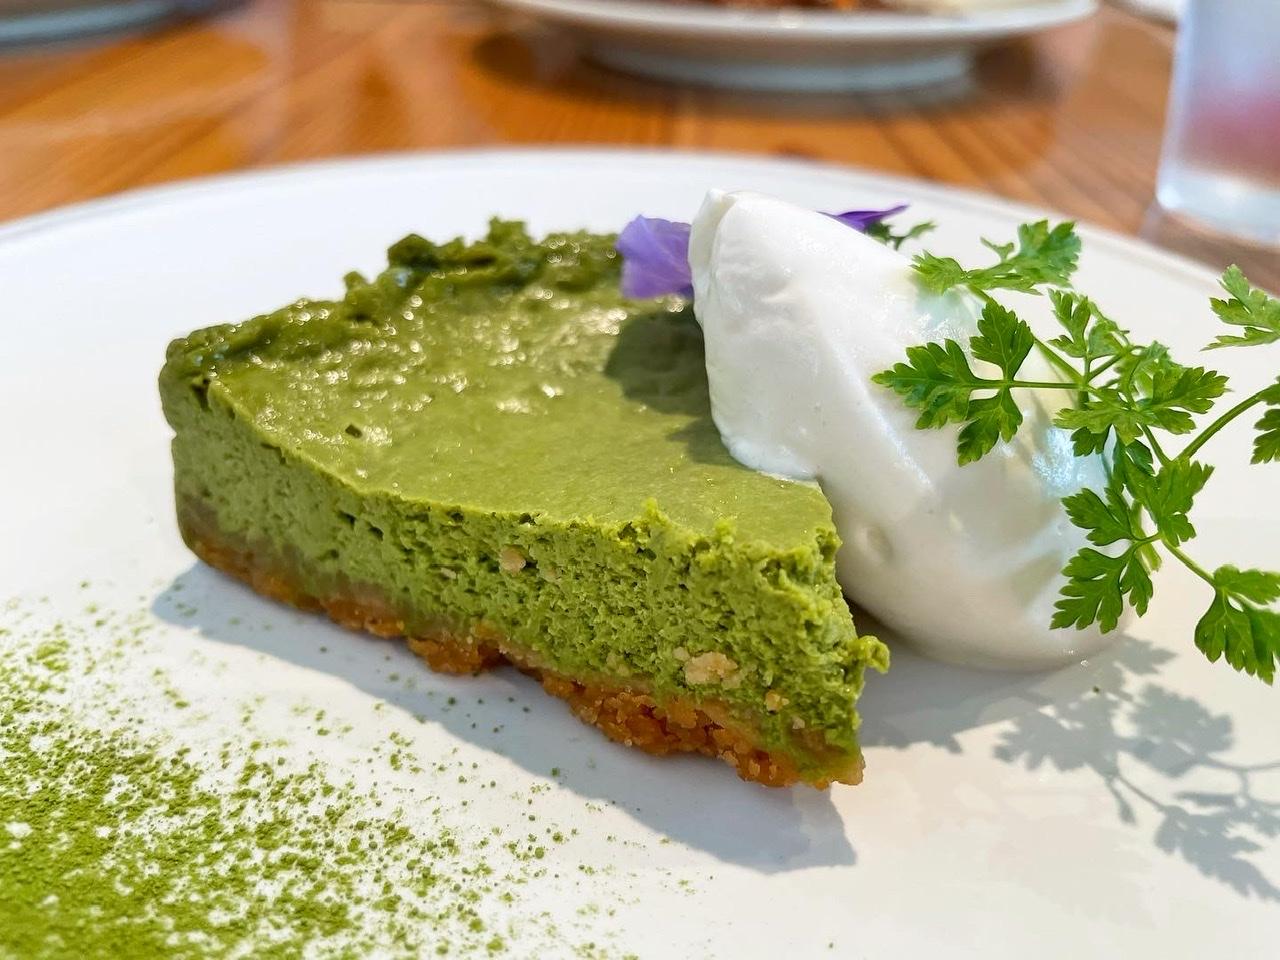 ヴィーガン対応の食事やスイーツが楽しめるカフェ『AINSOPH Ginza』のチーズケーキ